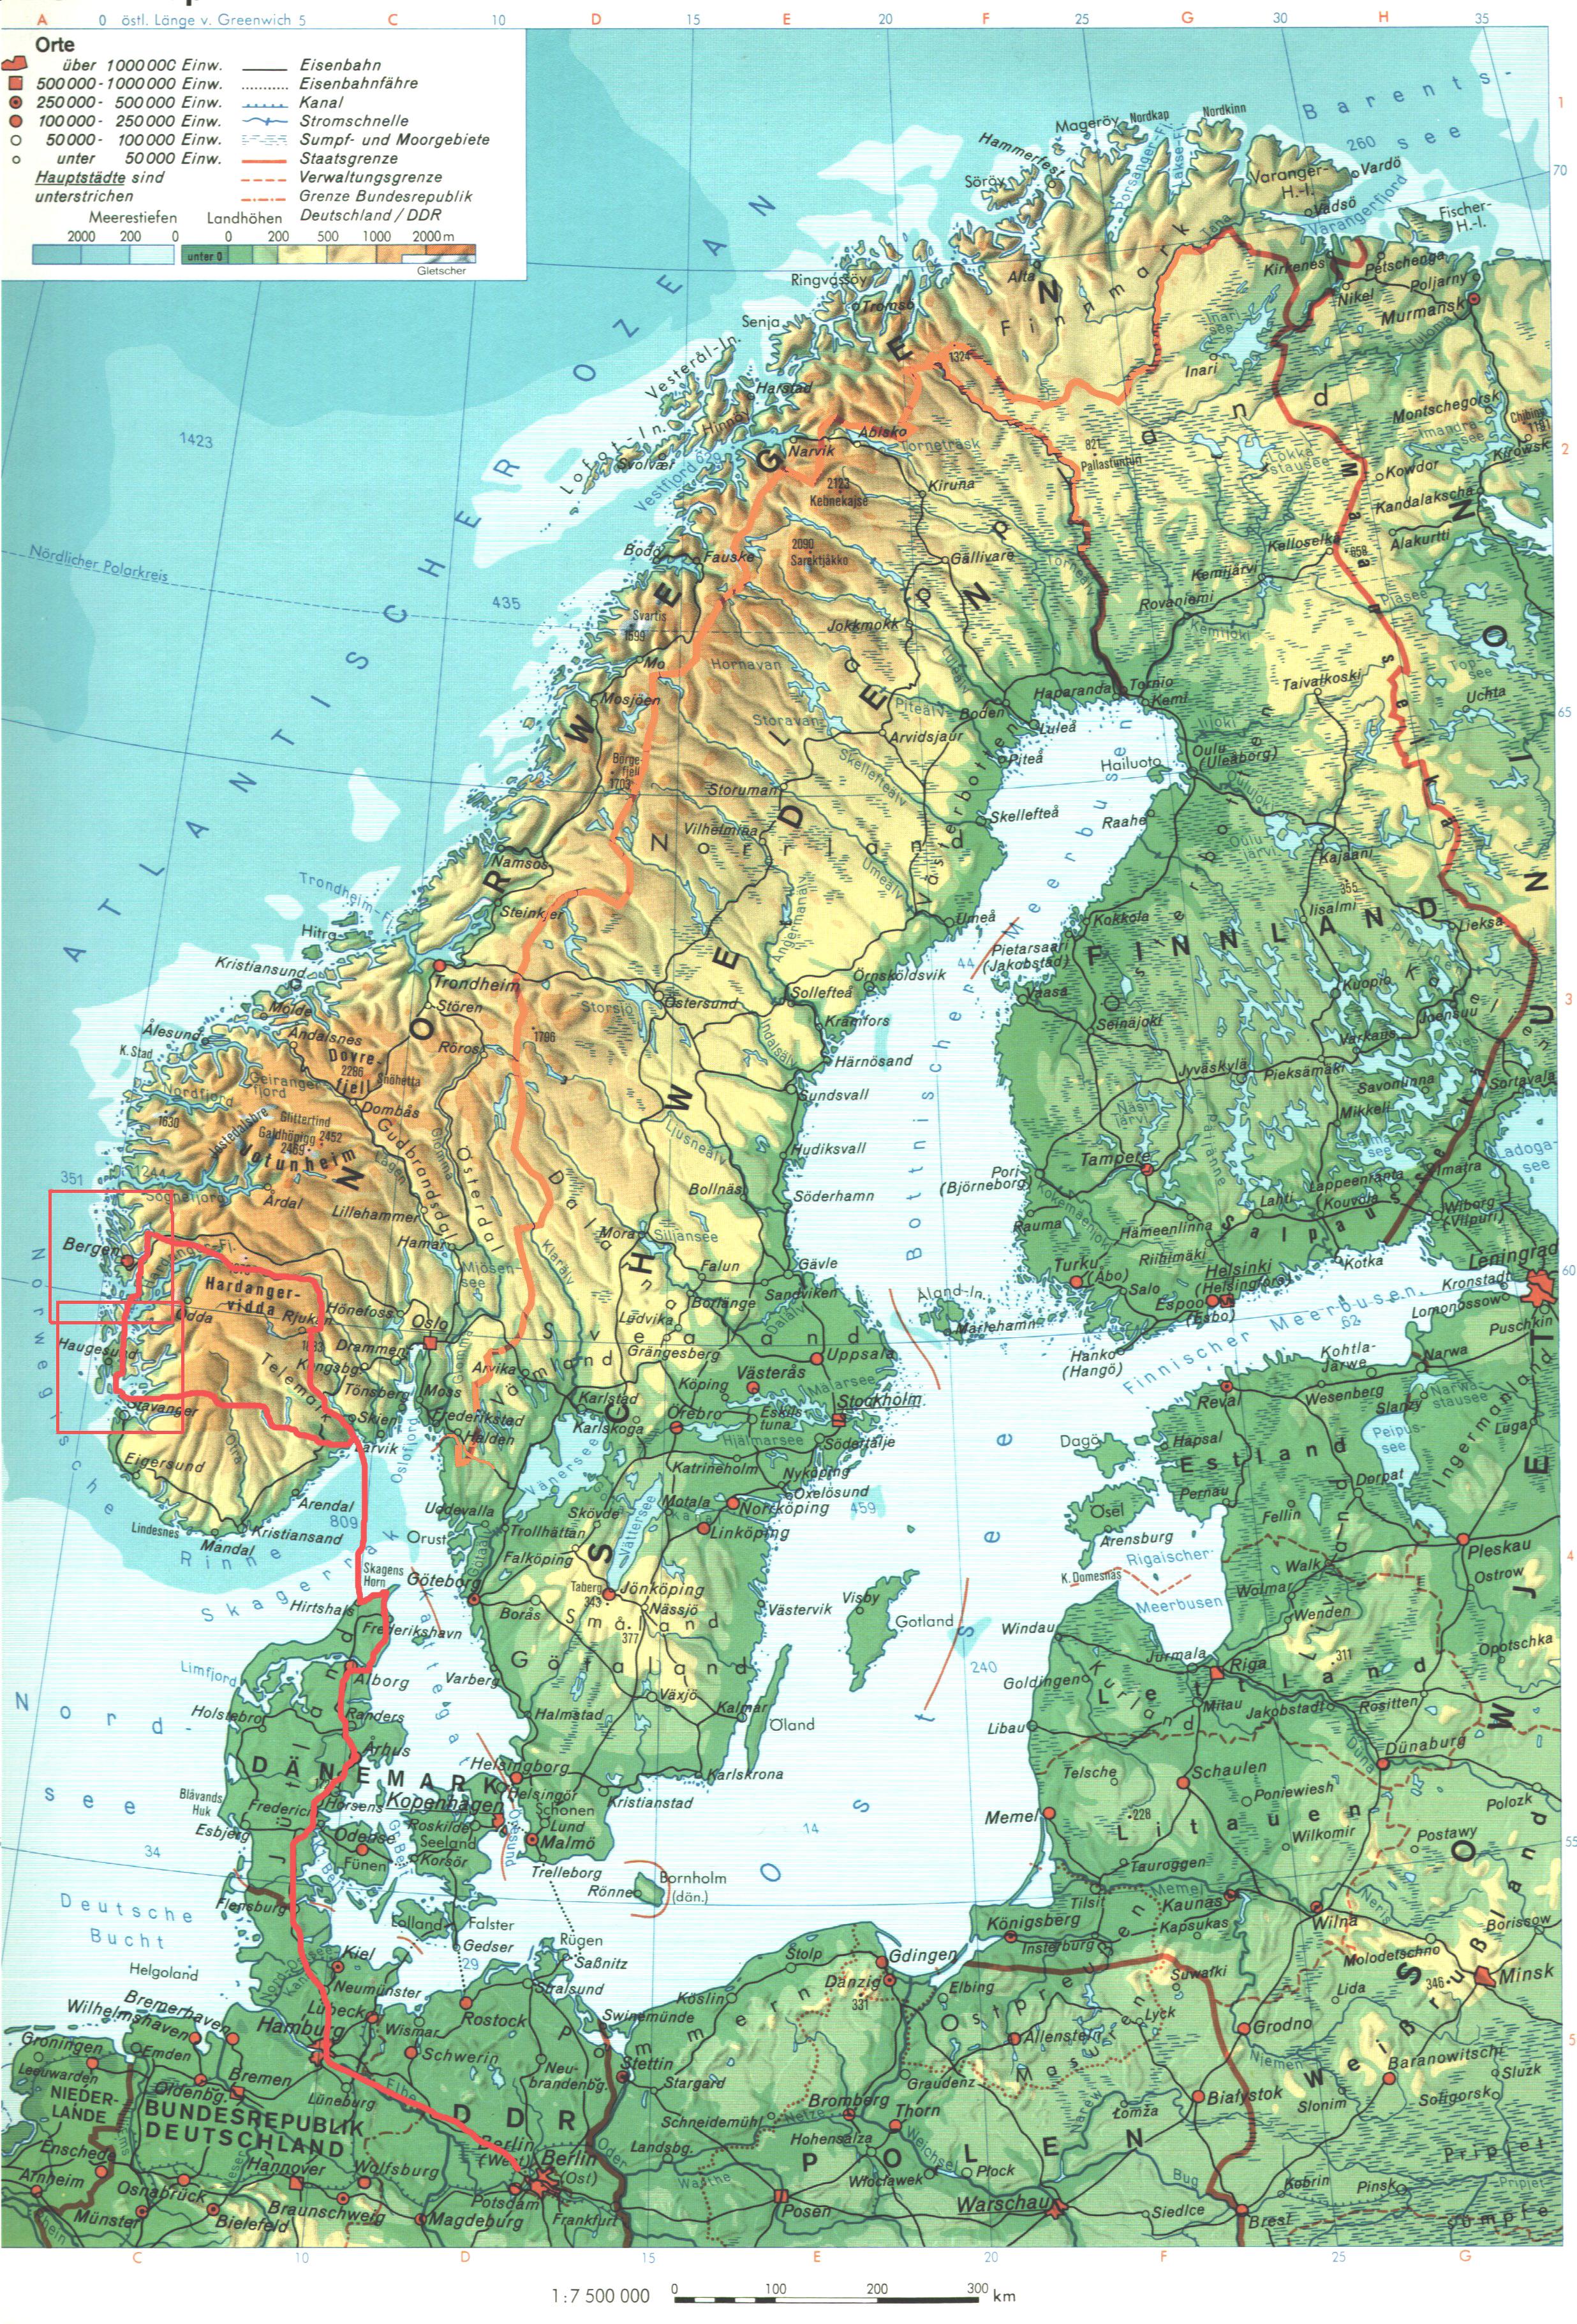 Karte Norwegen Schweden.Karte Dänemark Schweden Norwegen My Blog